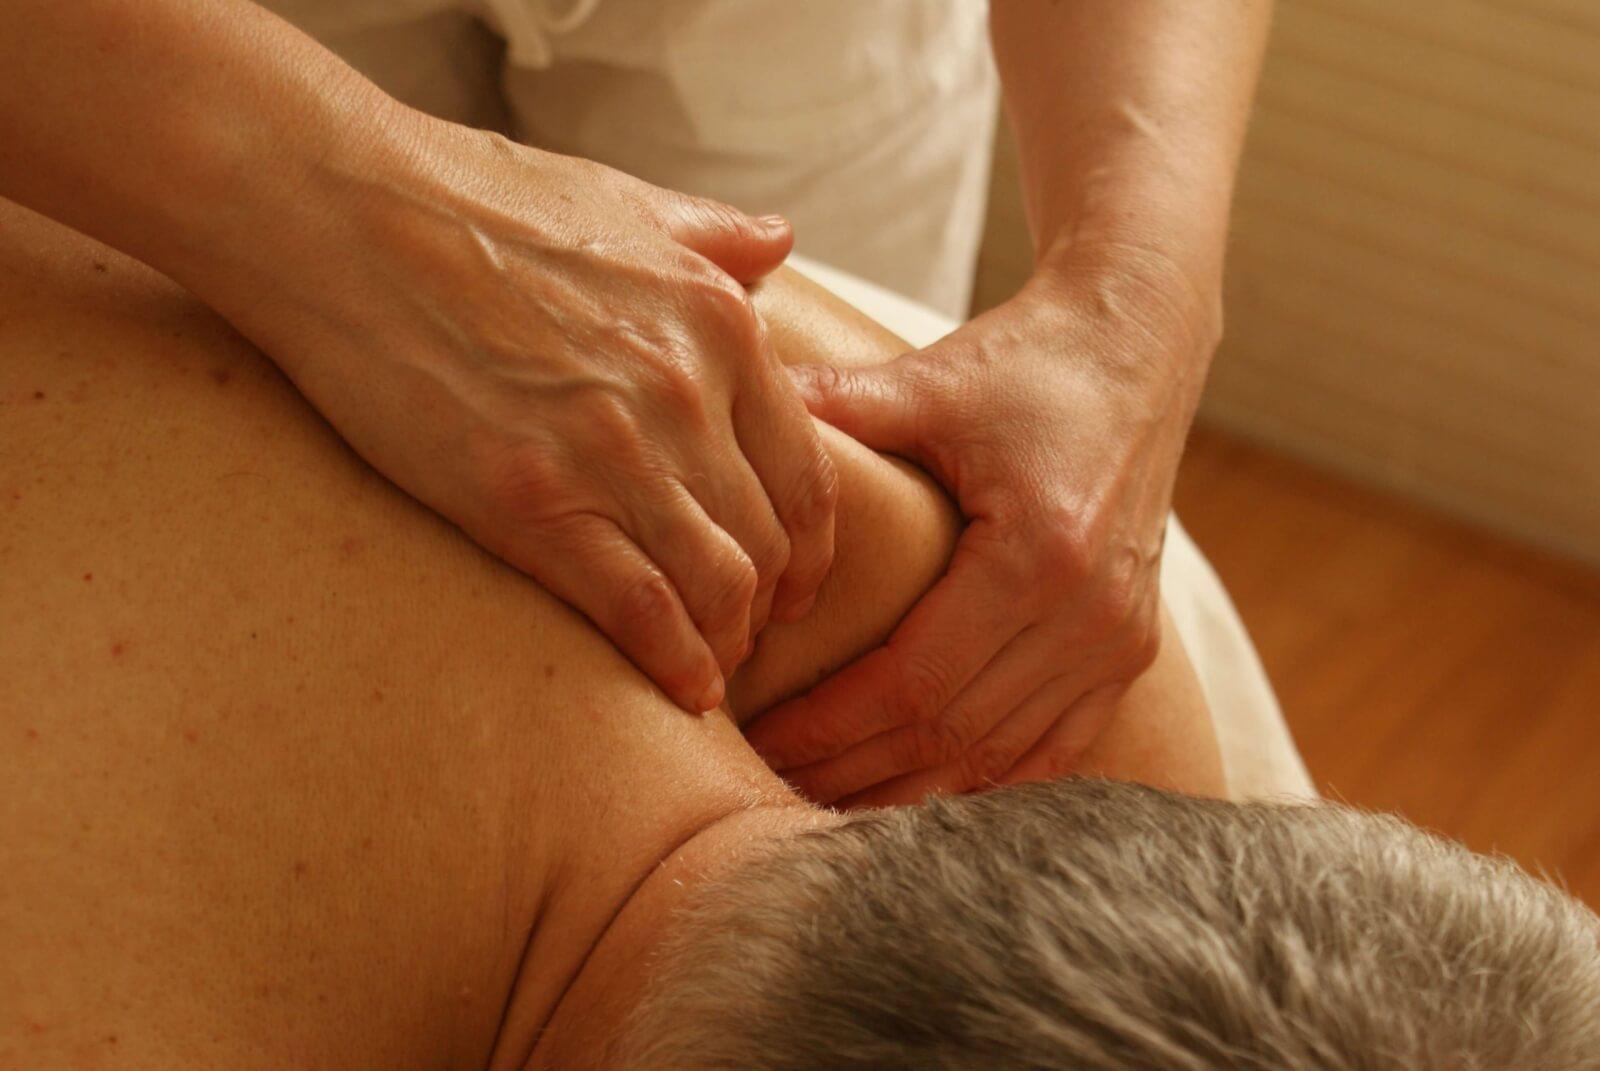 Fysiotherapie regio Bunde physio health